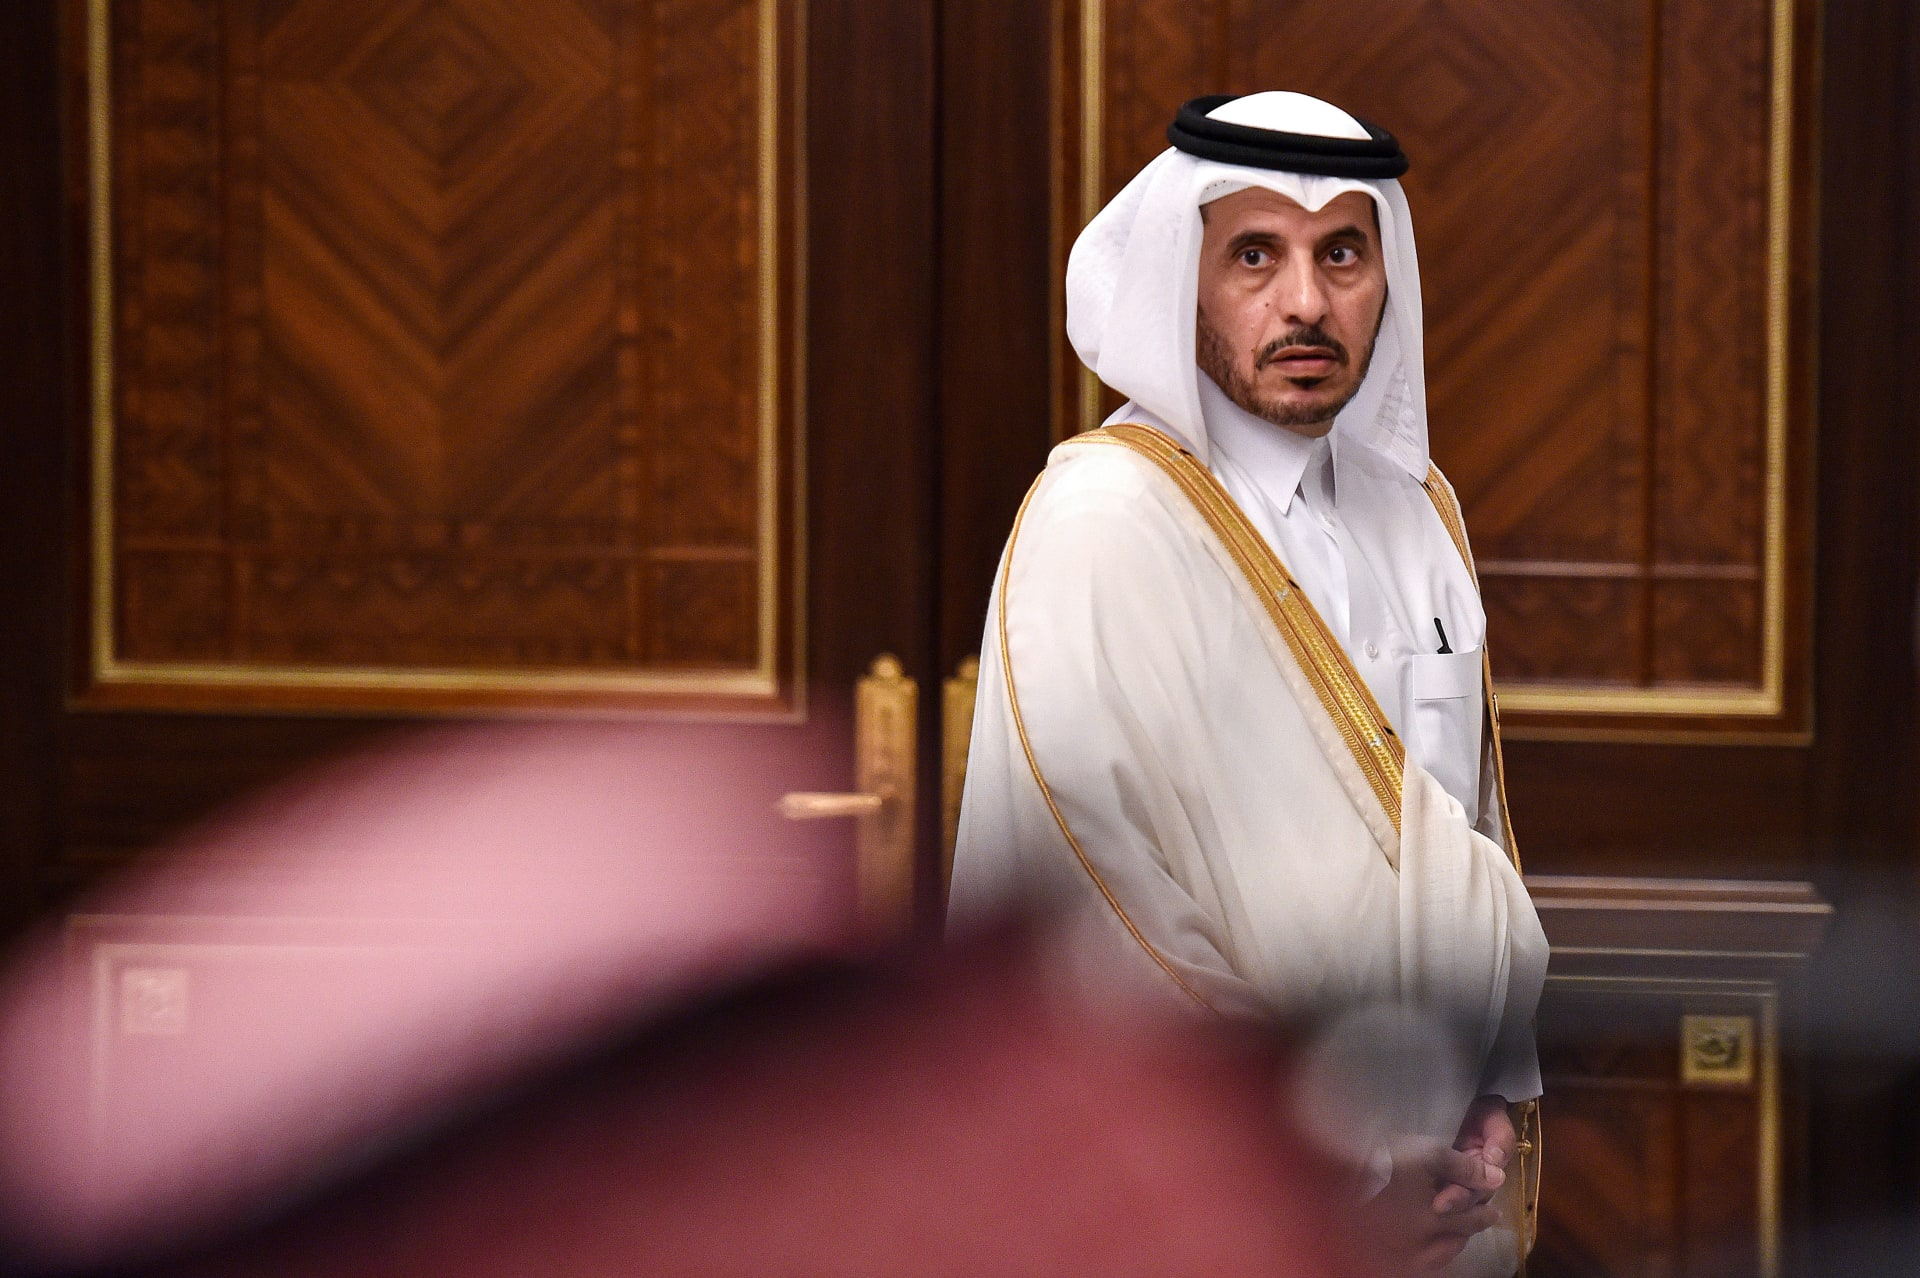 كاتب سعودي: قطر عرضت التخلي عن الإخوان.. ومن مصلحة الدوحة العودة للحضن الخليجي